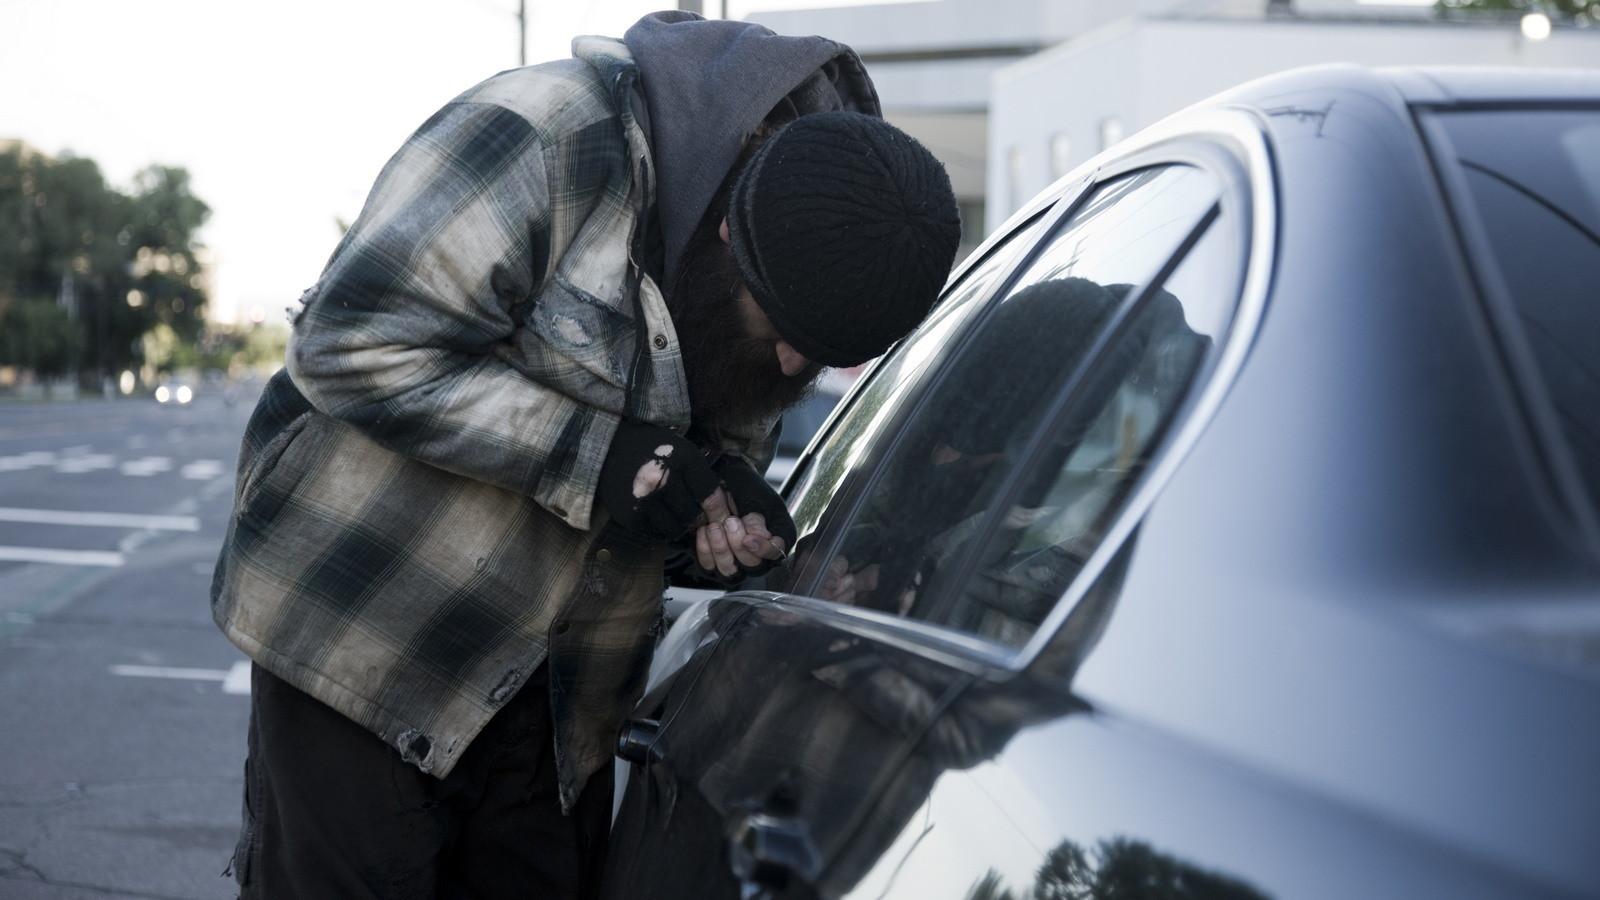 Специалисты узнали, где впервую очередь находят угнанные вПетербурге автомобили